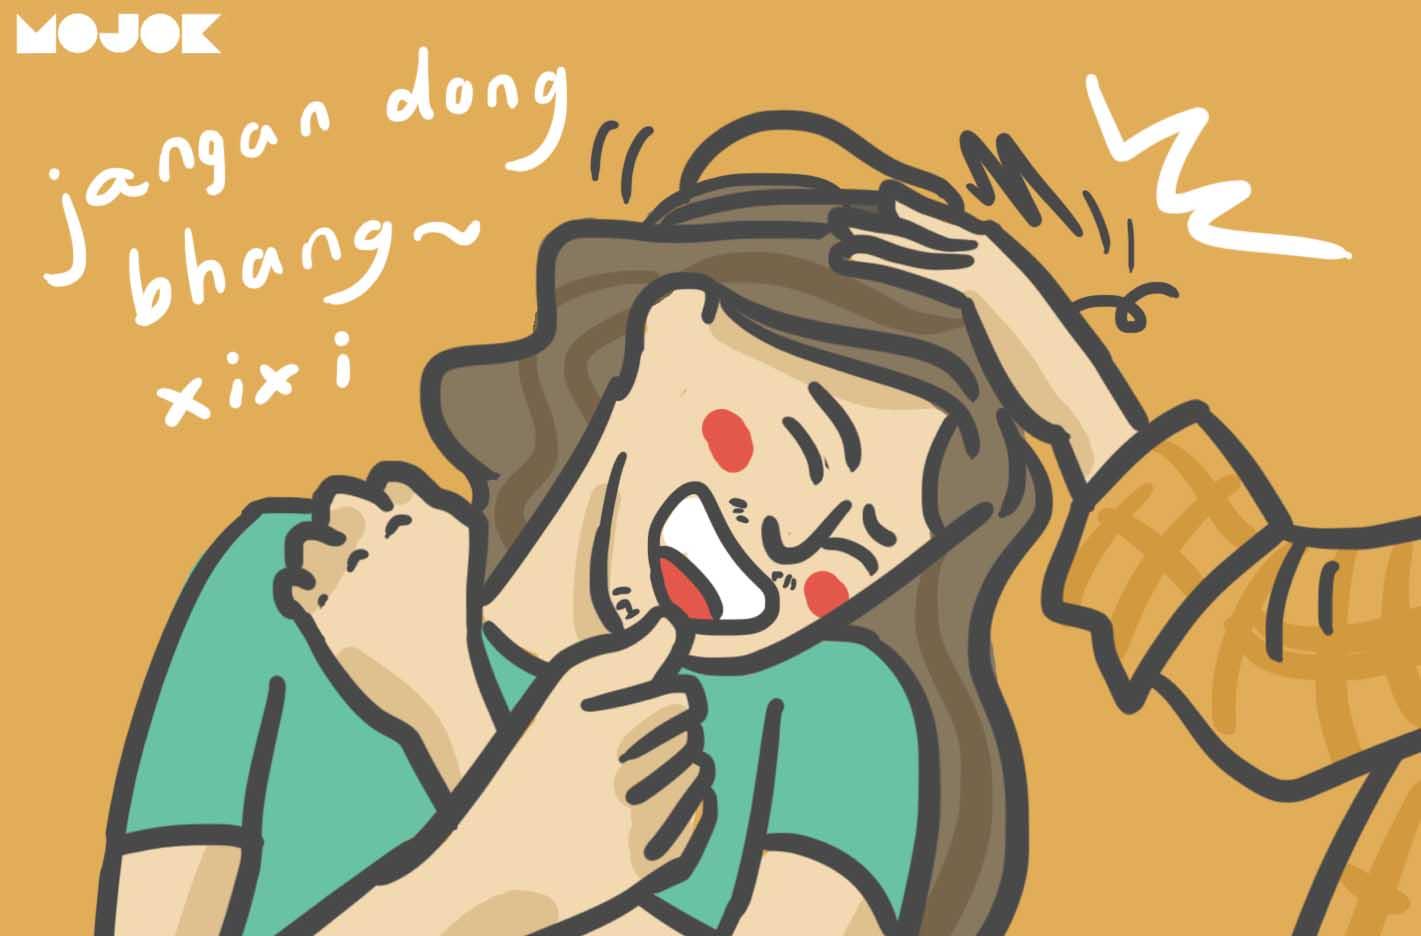 Acak Acak Rambut Bikin Baper Atau Kamu Yang Kegeeran Mojok Co